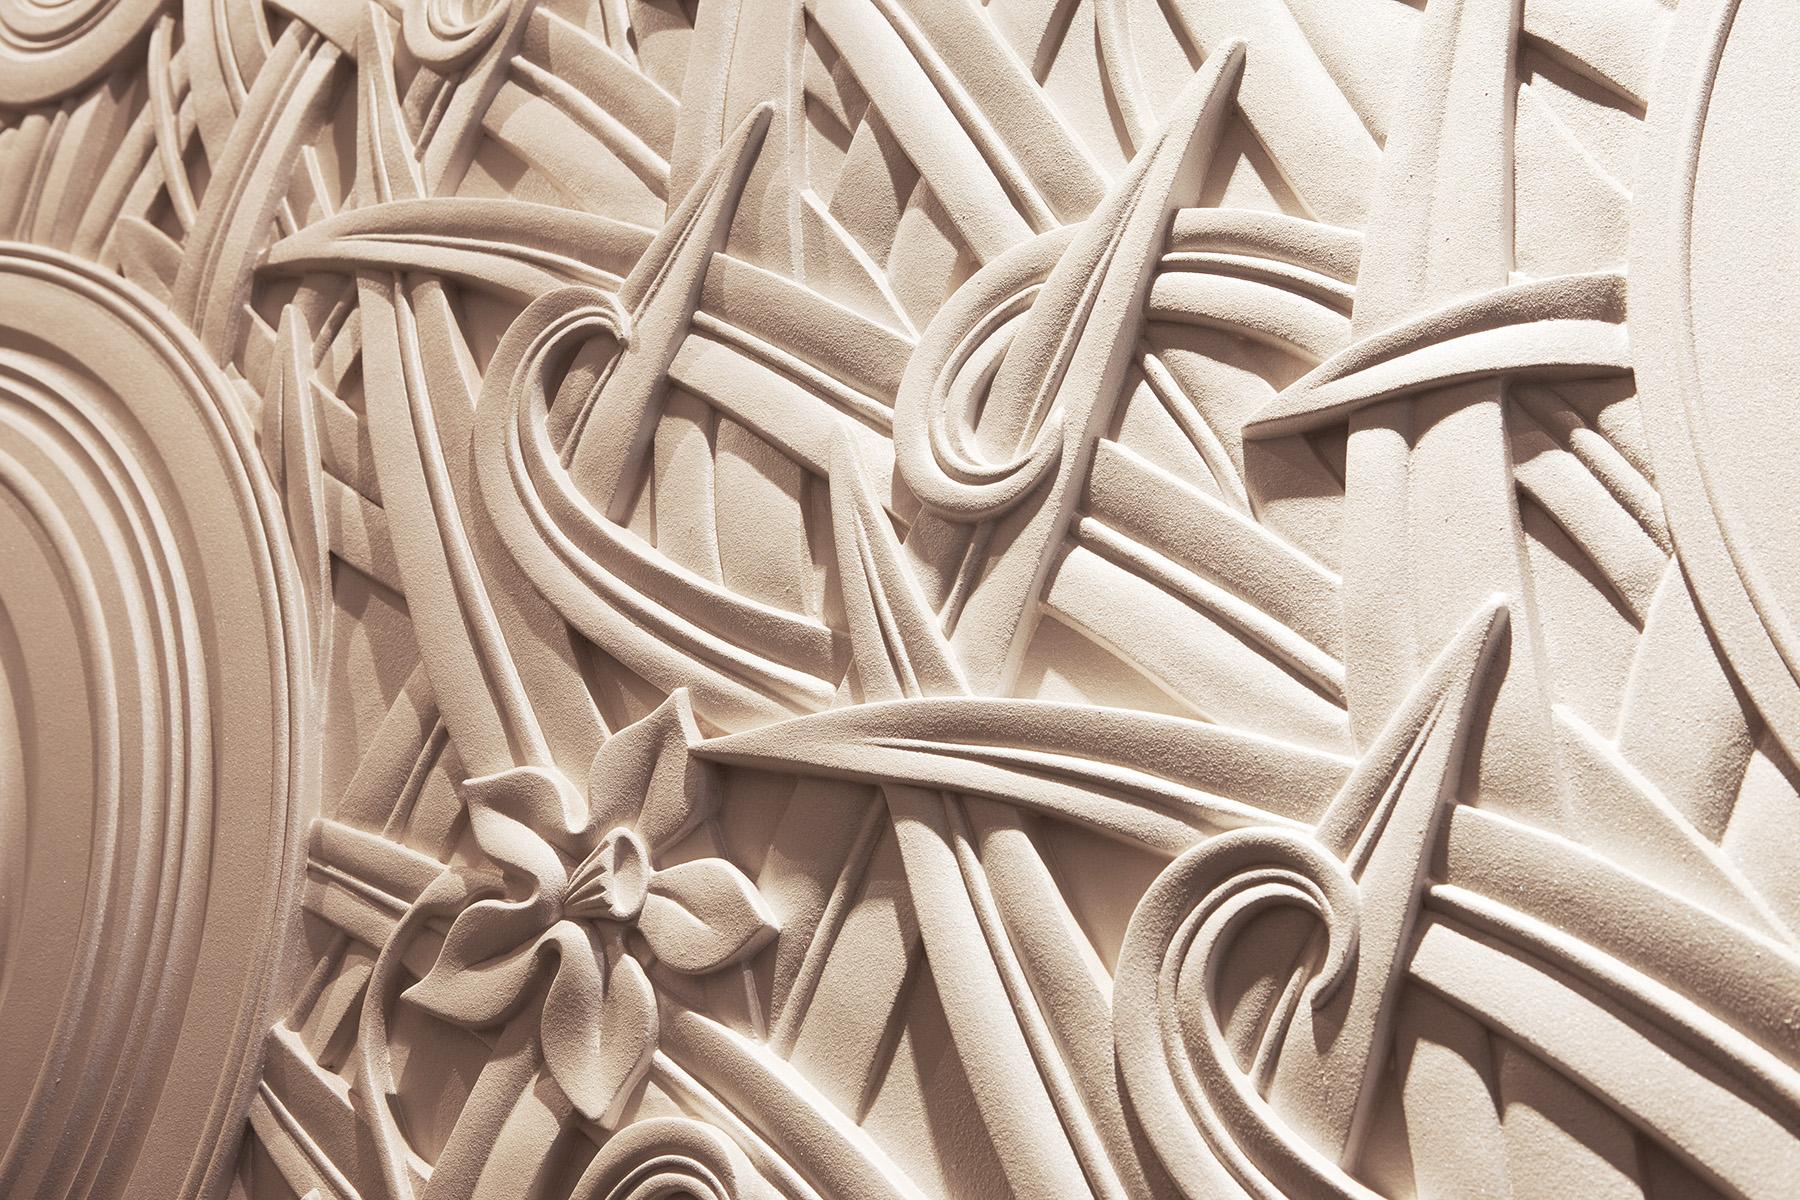 Декоративное панно круги. Материал исполнения гипс. Автор Елена Афти.